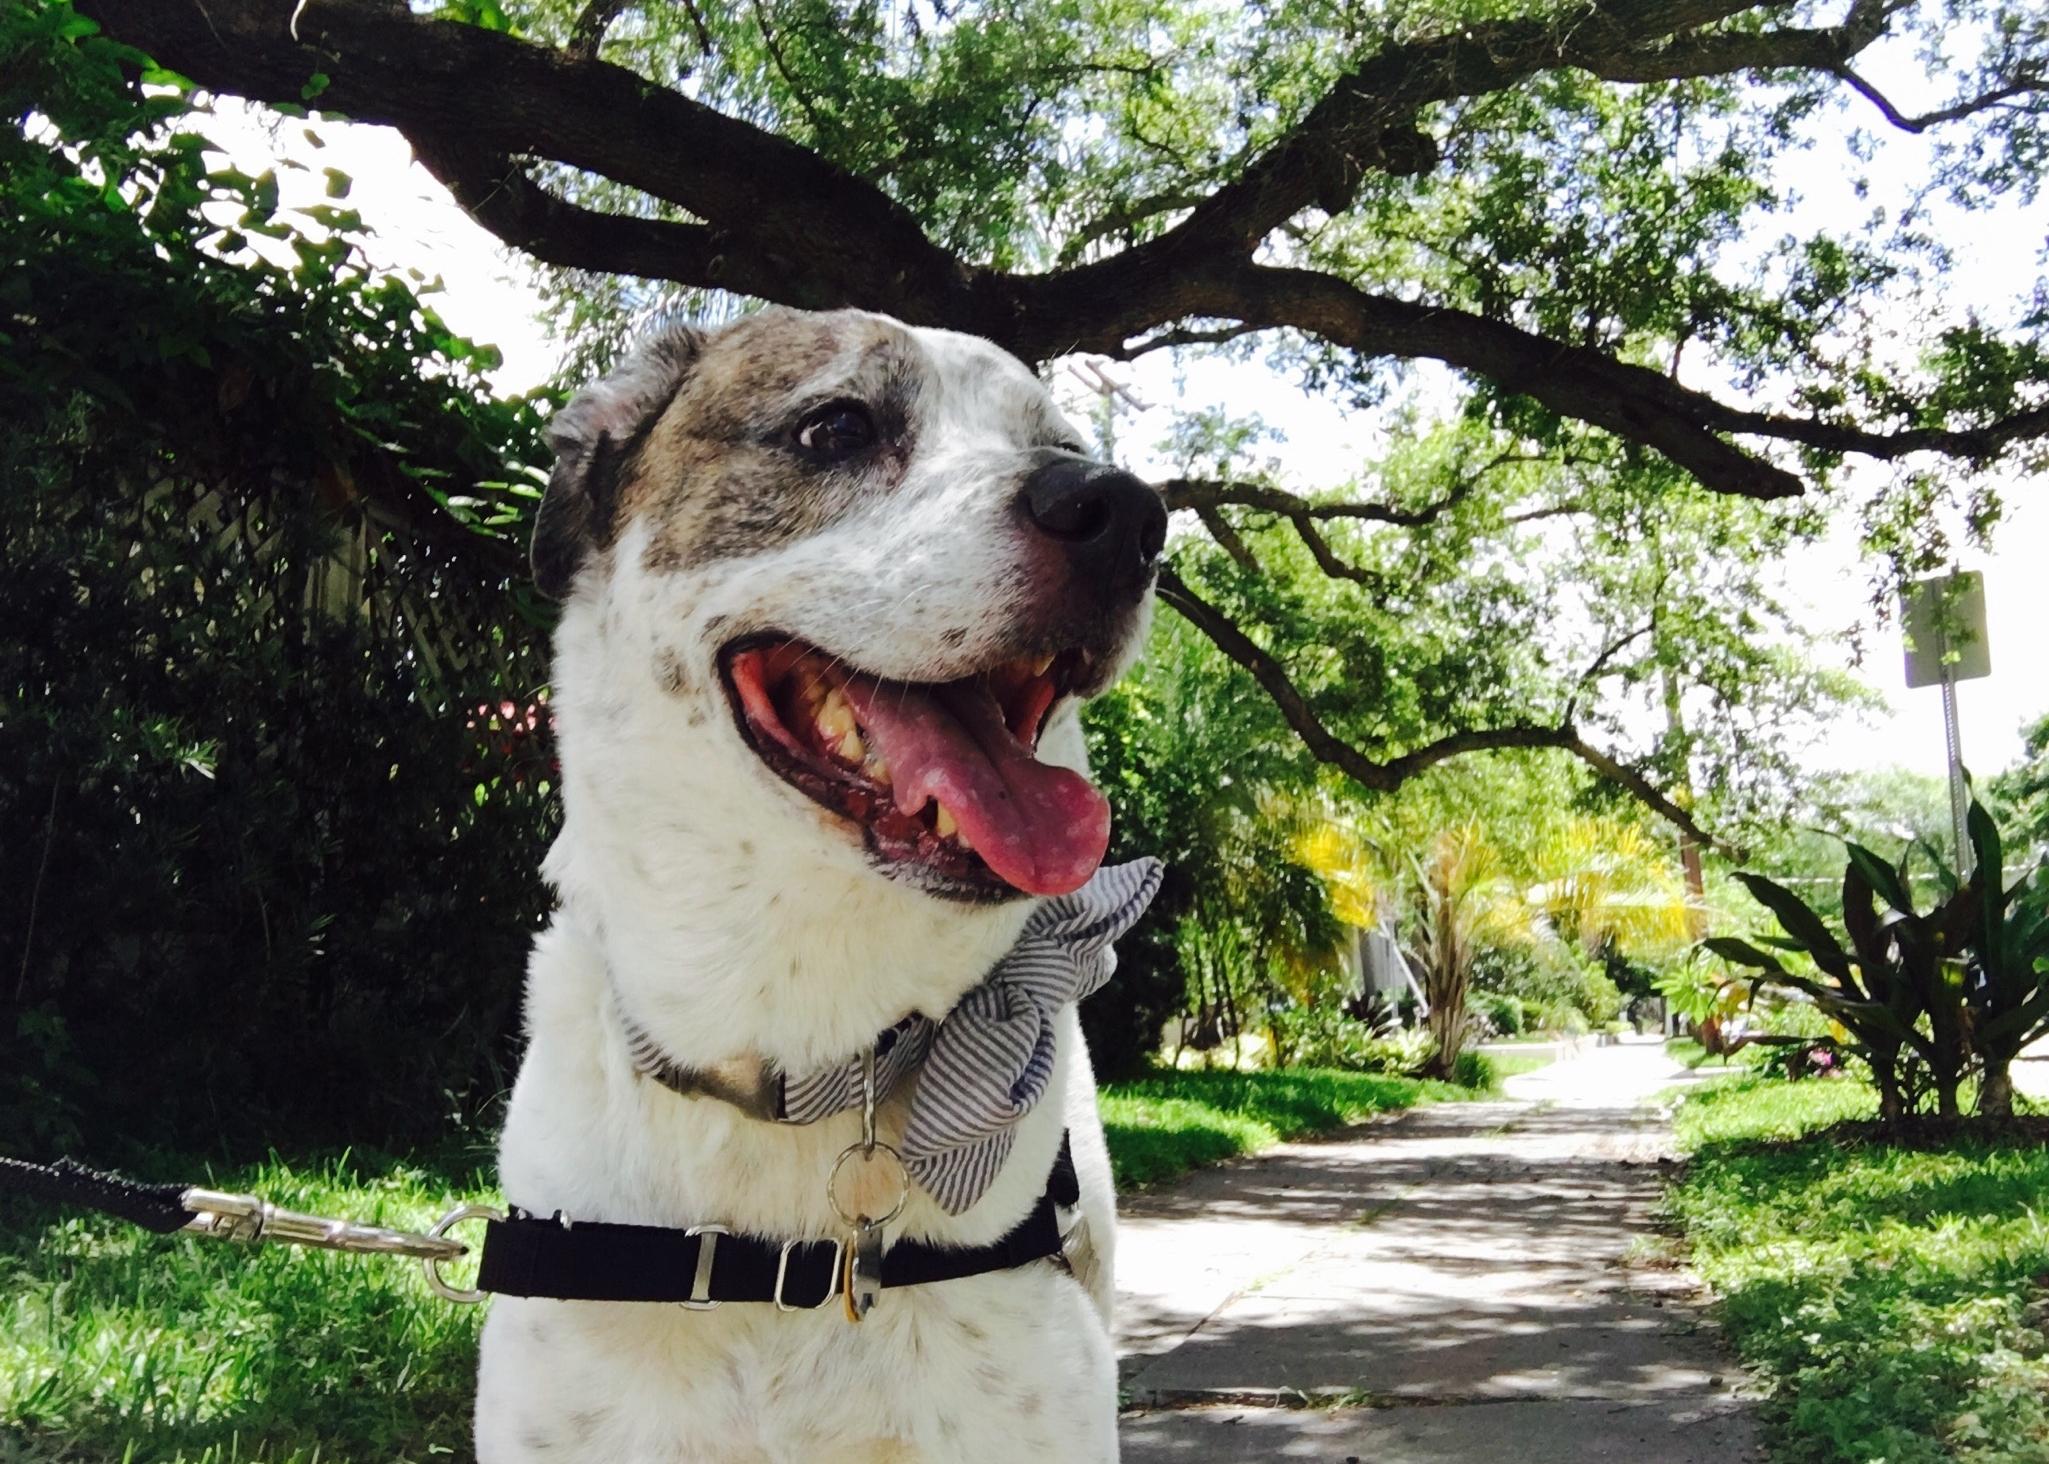 Dog walks & pet visits - 15 min. Pet Visit (Cats, birds, etc.) - $1515 min. Quickie Walk - $1530 min. Warm-Up Walk - $2045 min. Work-Out Walk- $3060 min. Marathon Walk- $40